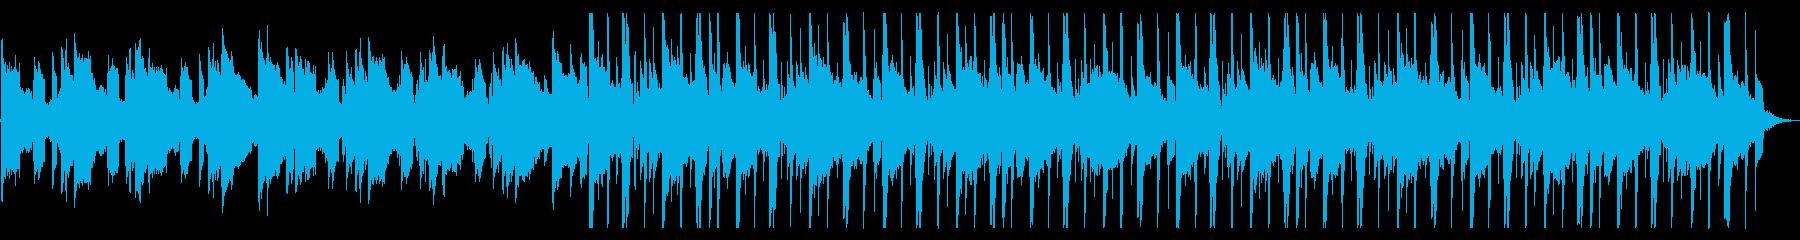 溶けそうなR&B_No635_3の再生済みの波形